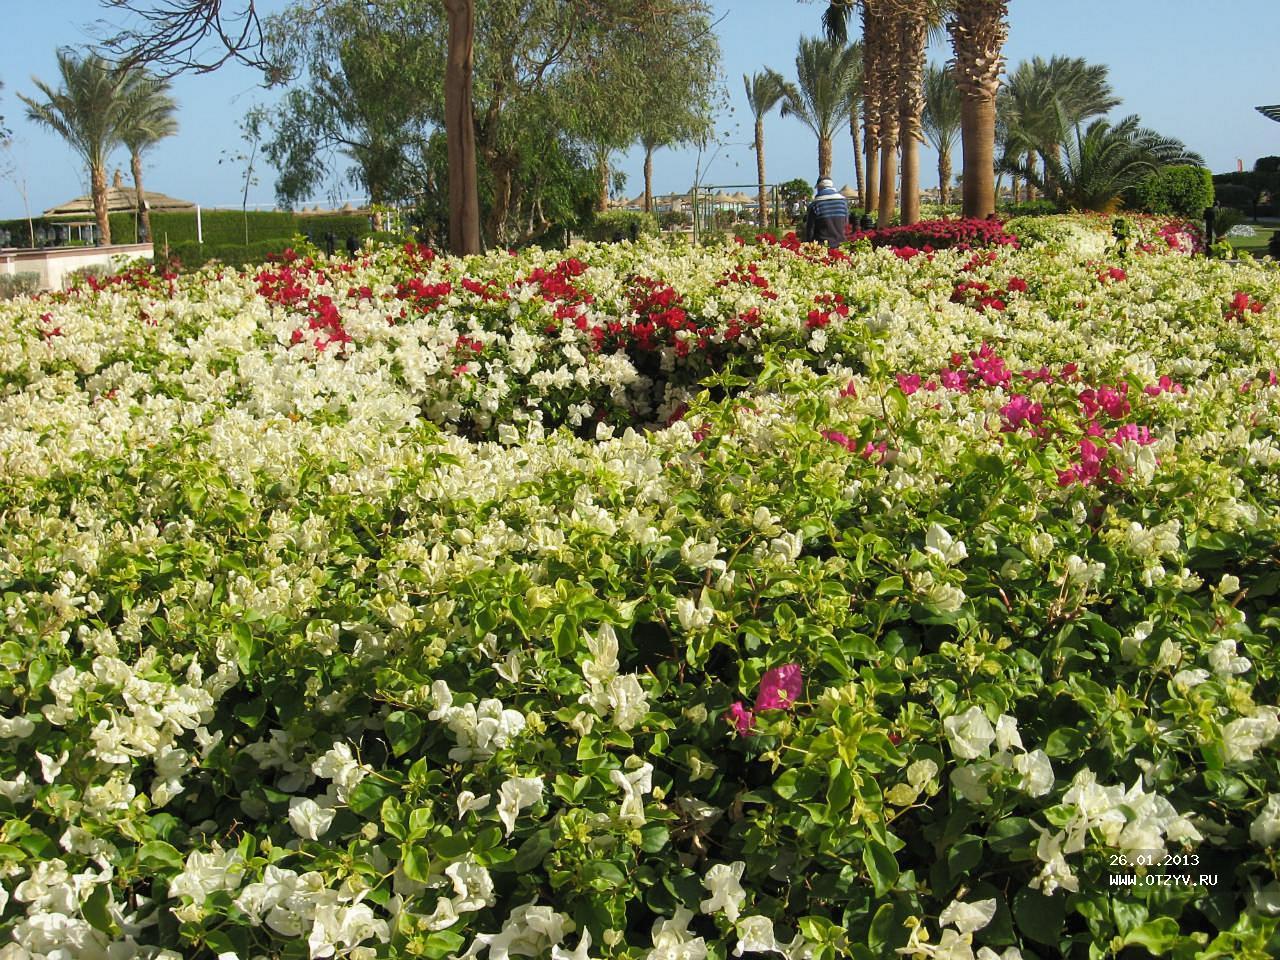 Отзыв об отеле Sunrise Select Garden Beach Resort & Spa 5* в Египте ...